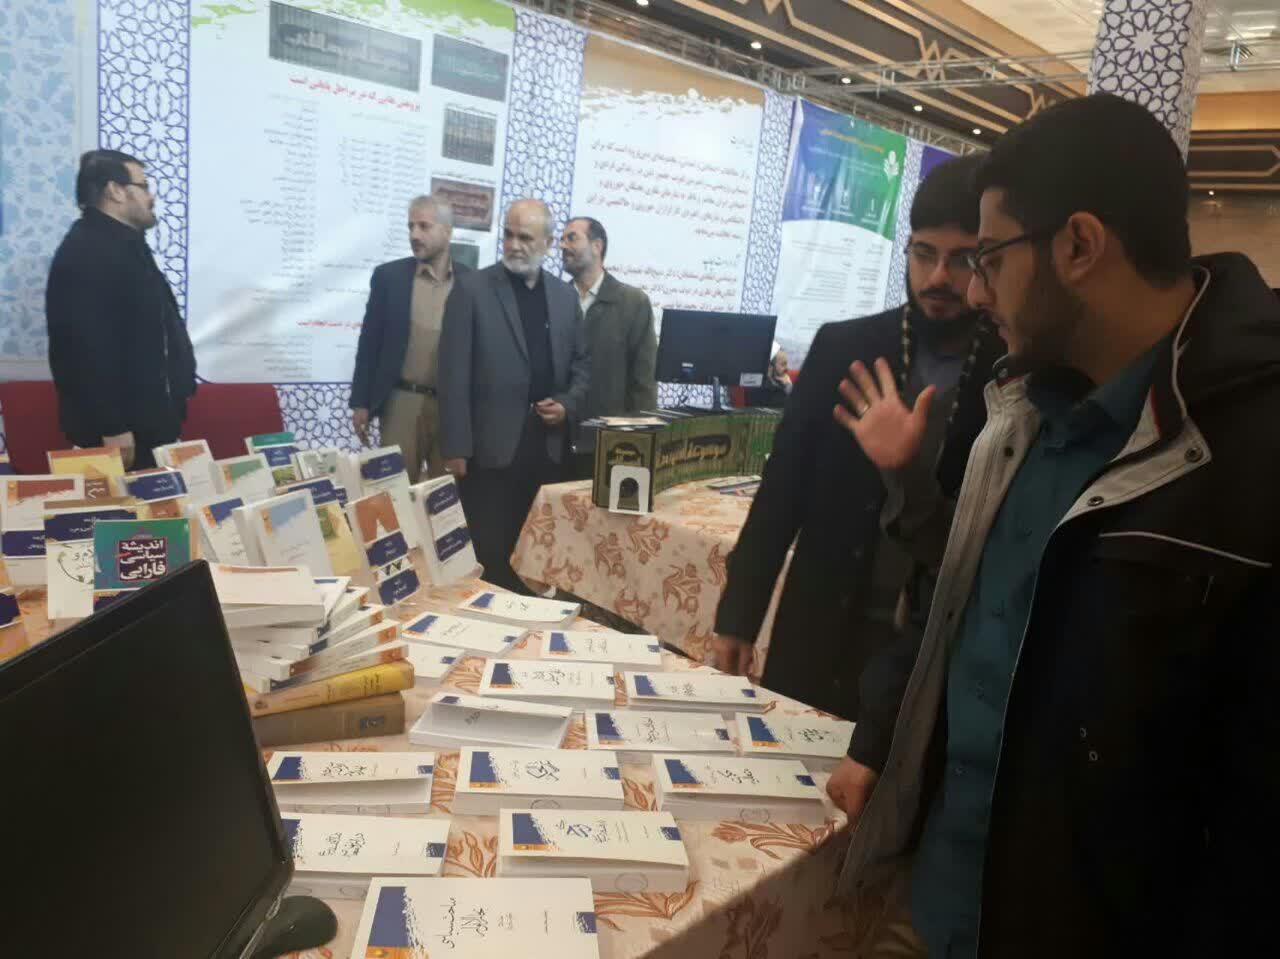 بازديد از نمايشگاهِ دستاوردهای پژوهشی پژوهشكده علوم و فرهنگ اسلامي